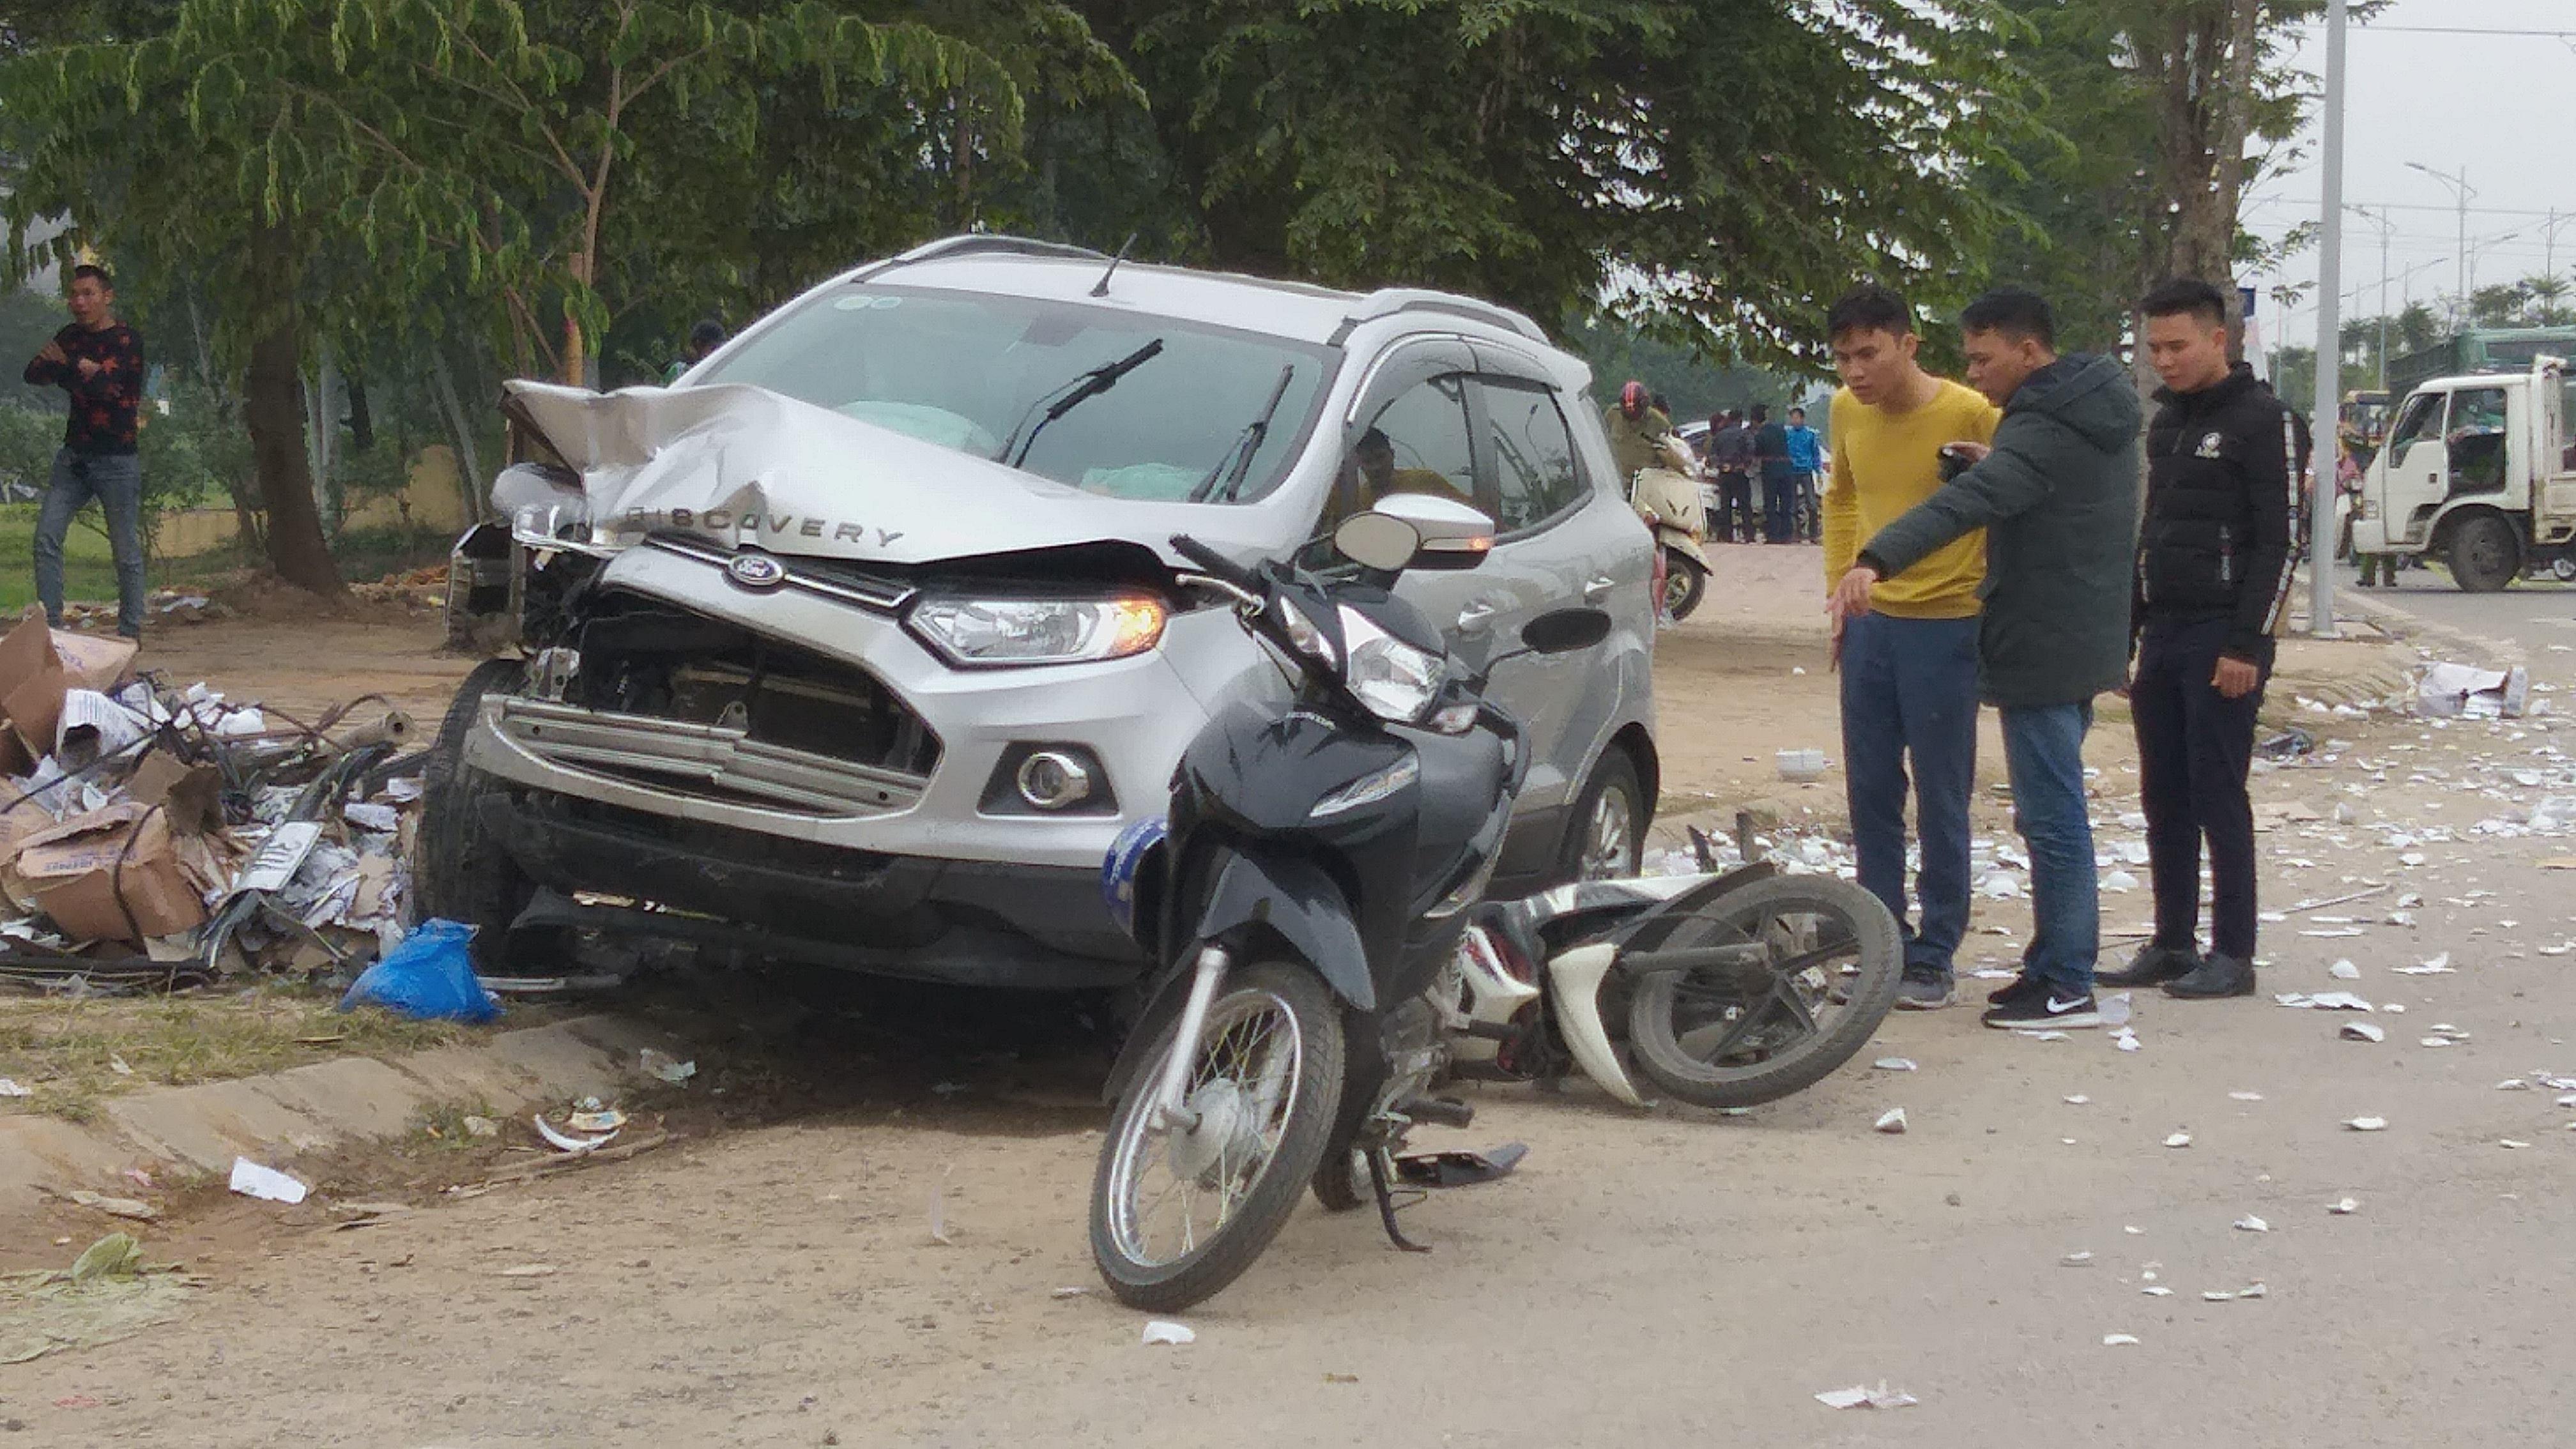 Chiếc xe ô tô loại 5 chỗ mang BKS 30A - 542.75 nhãn hiệu Ford khi lưu thông tới khu vực vòng xuyến Mậu Lương đã đâm trúng vào xe taxi